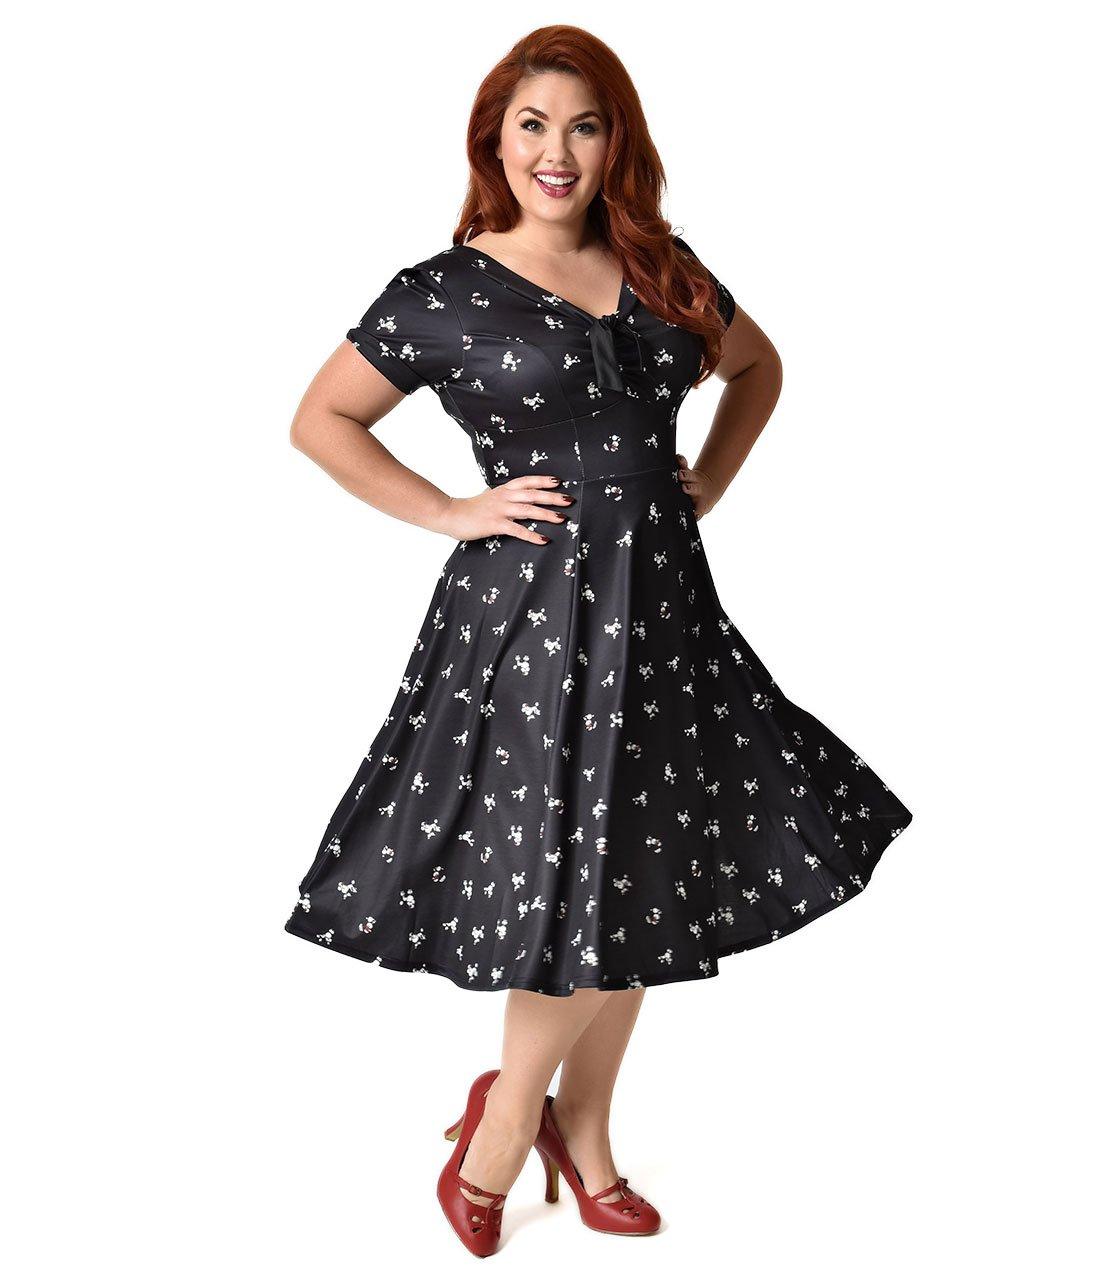 Unique Vintage Plus Size 1940s Style Black Poodle Parade Knit Short Sleeve Natalie Swing Dress